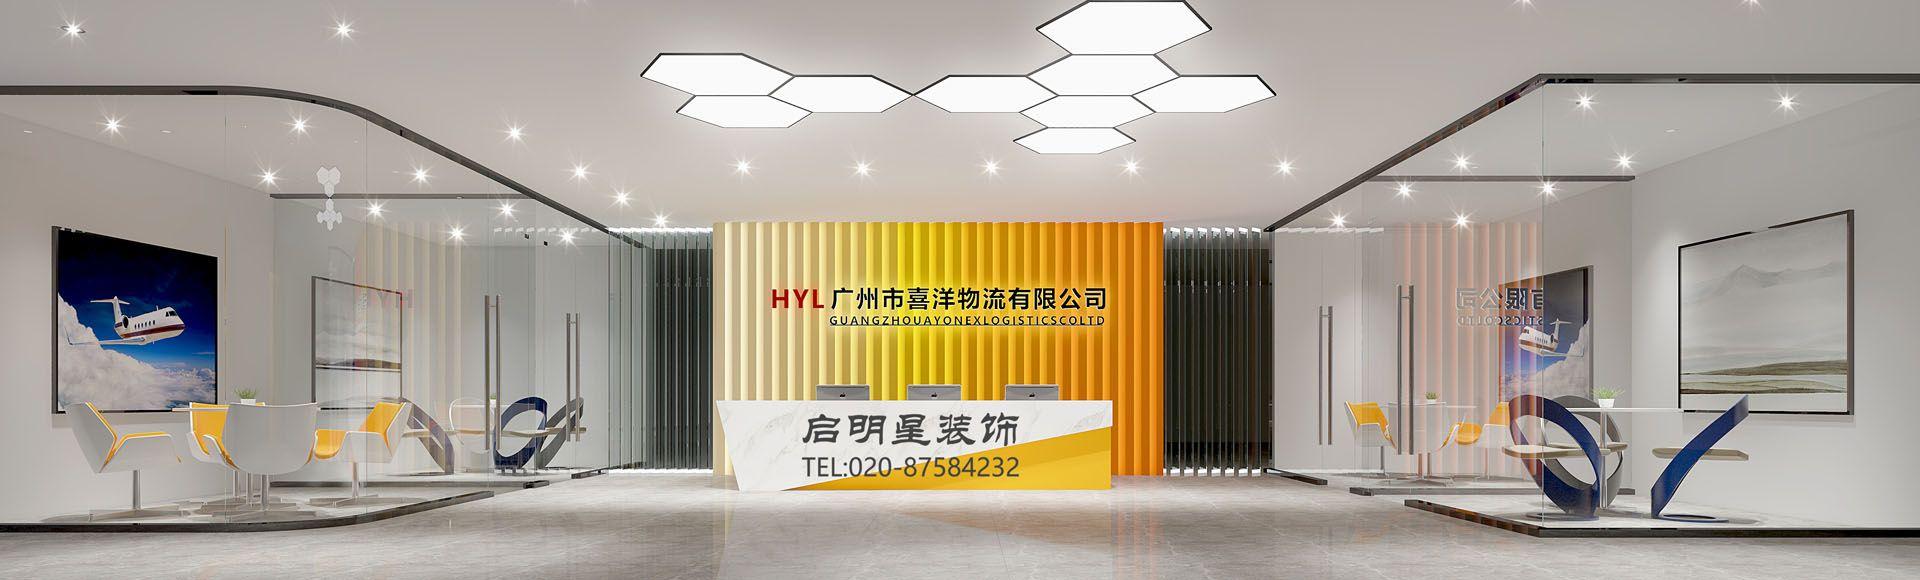 广州装修公司案例